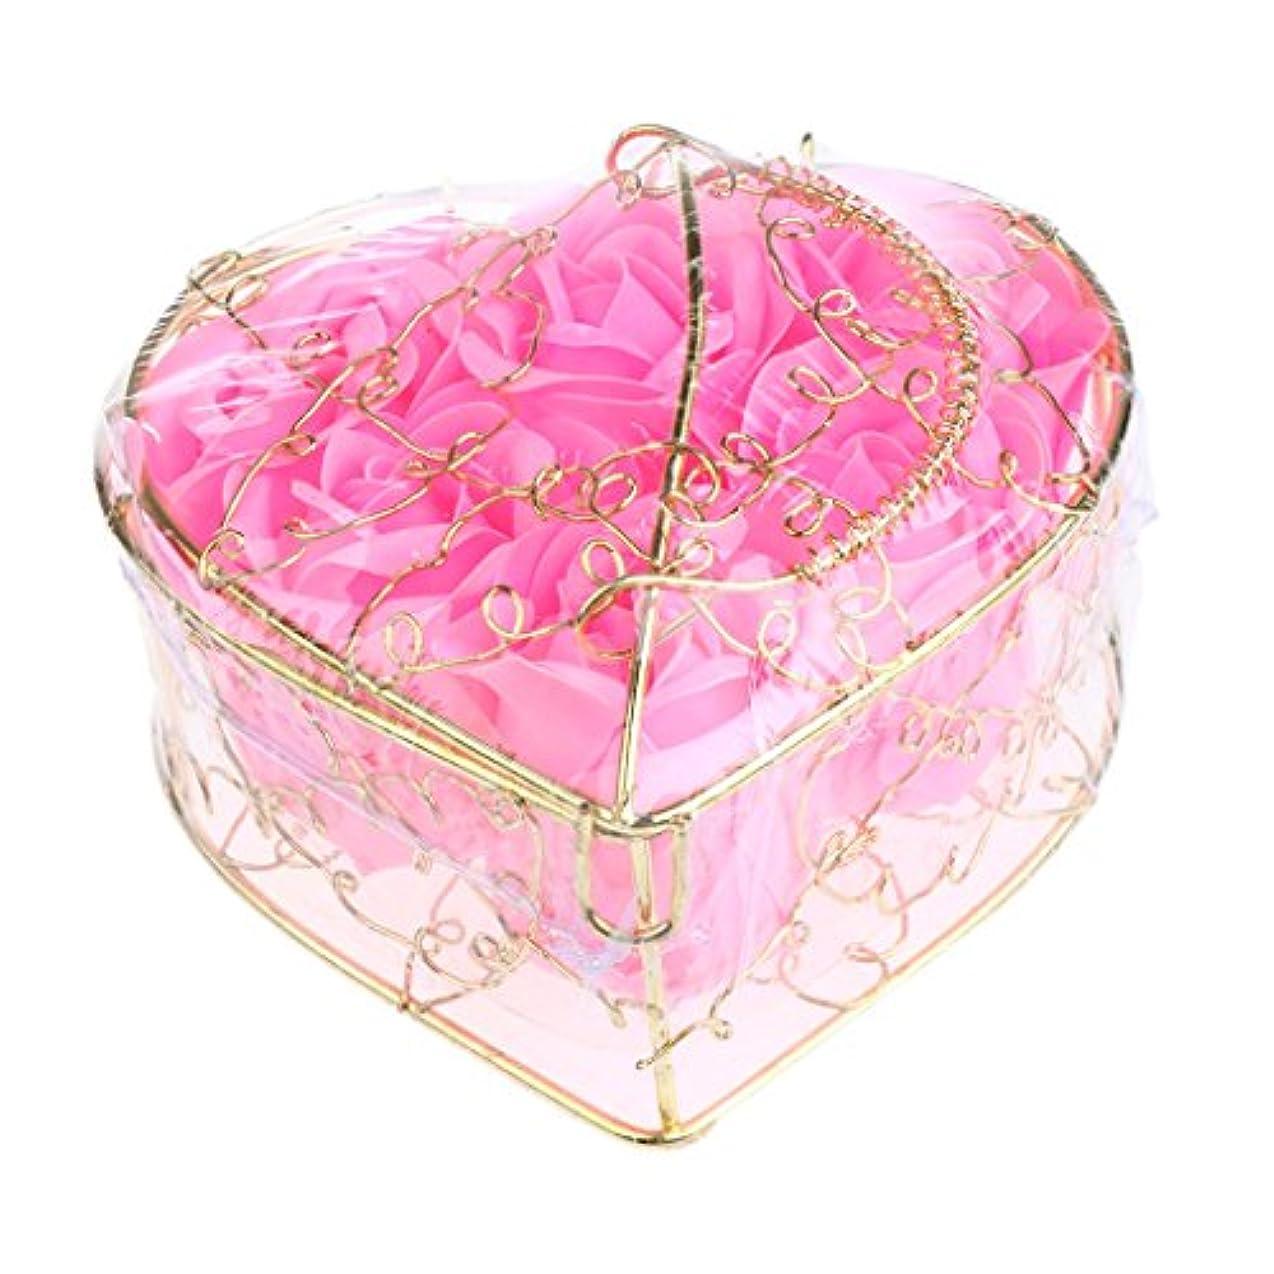 せせらぎ危険を冒します南Baosity 6個 ソープフラワー 石鹸の花 バラ 薔薇の花 ロマンチック 心の形 ギフトボックス 誕生日 プレゼント 全5仕様選べる - ピンク